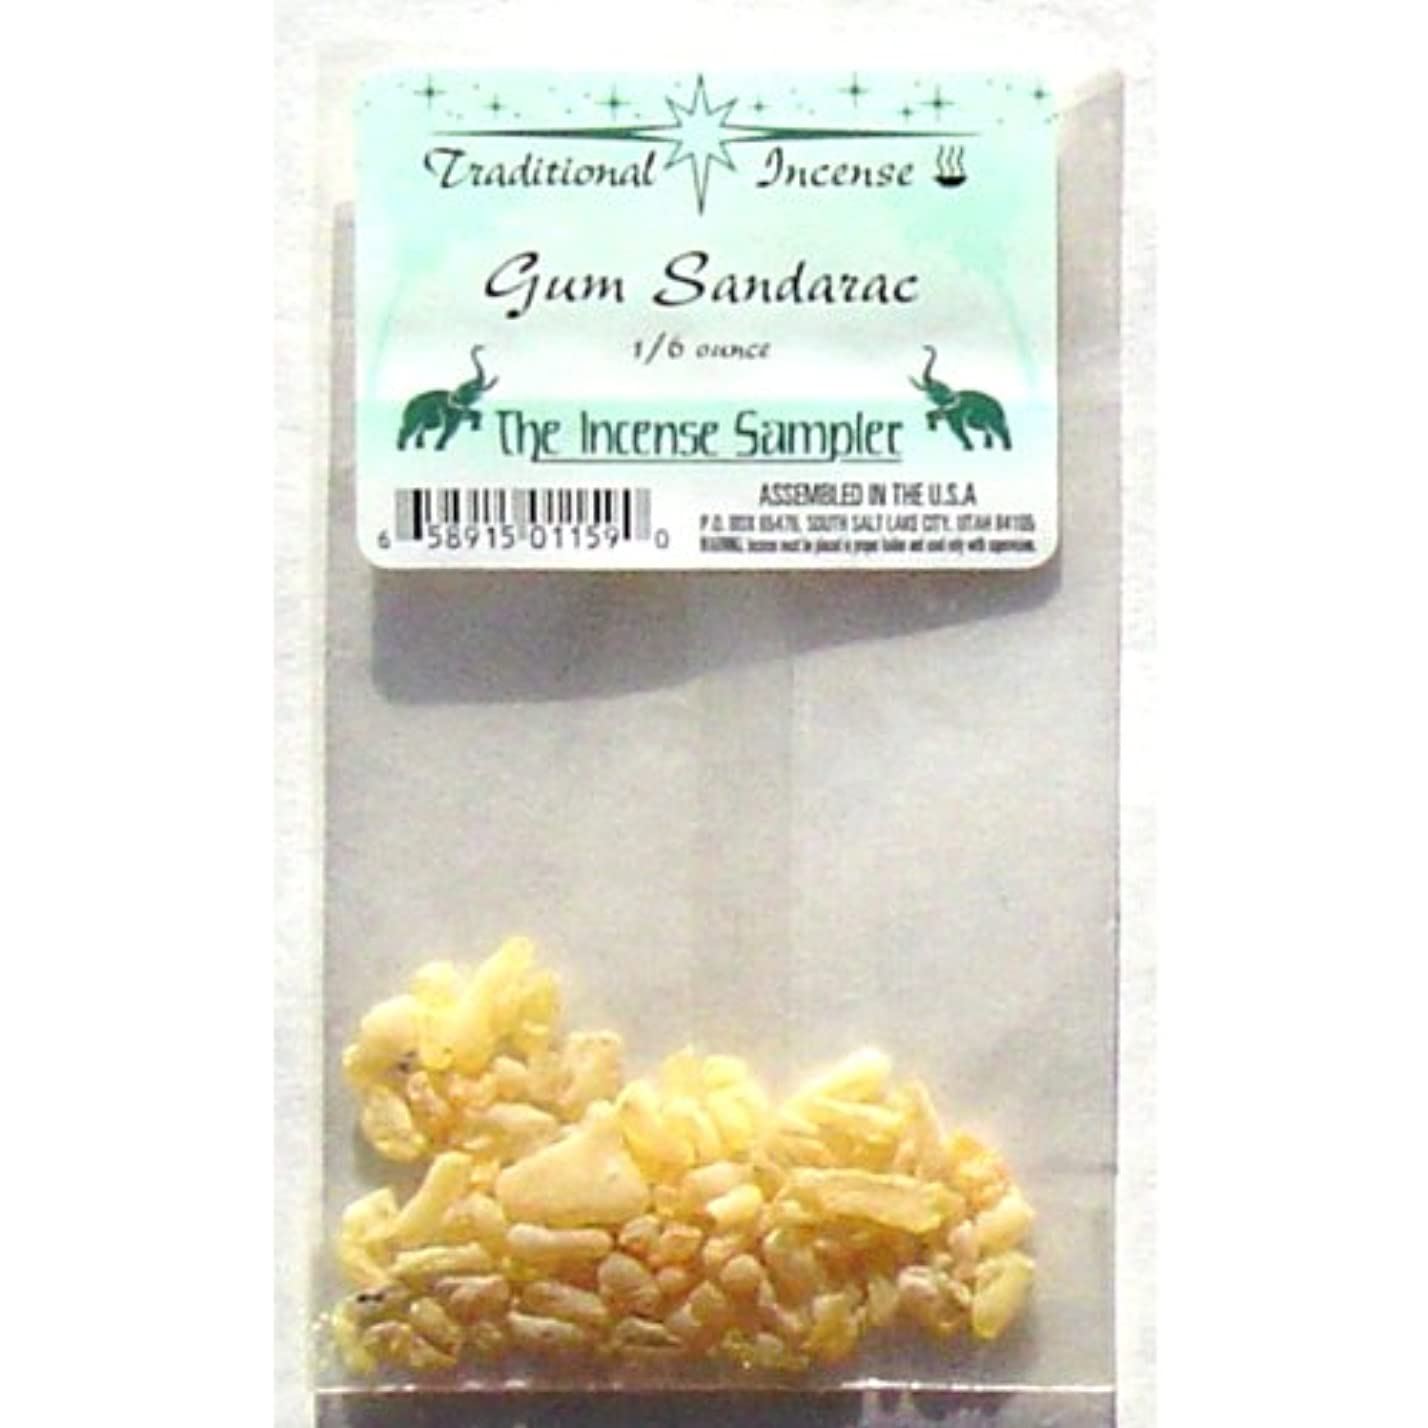 樹木私たちのもの市区町村Gum Sandarac Incense Packaged in 3